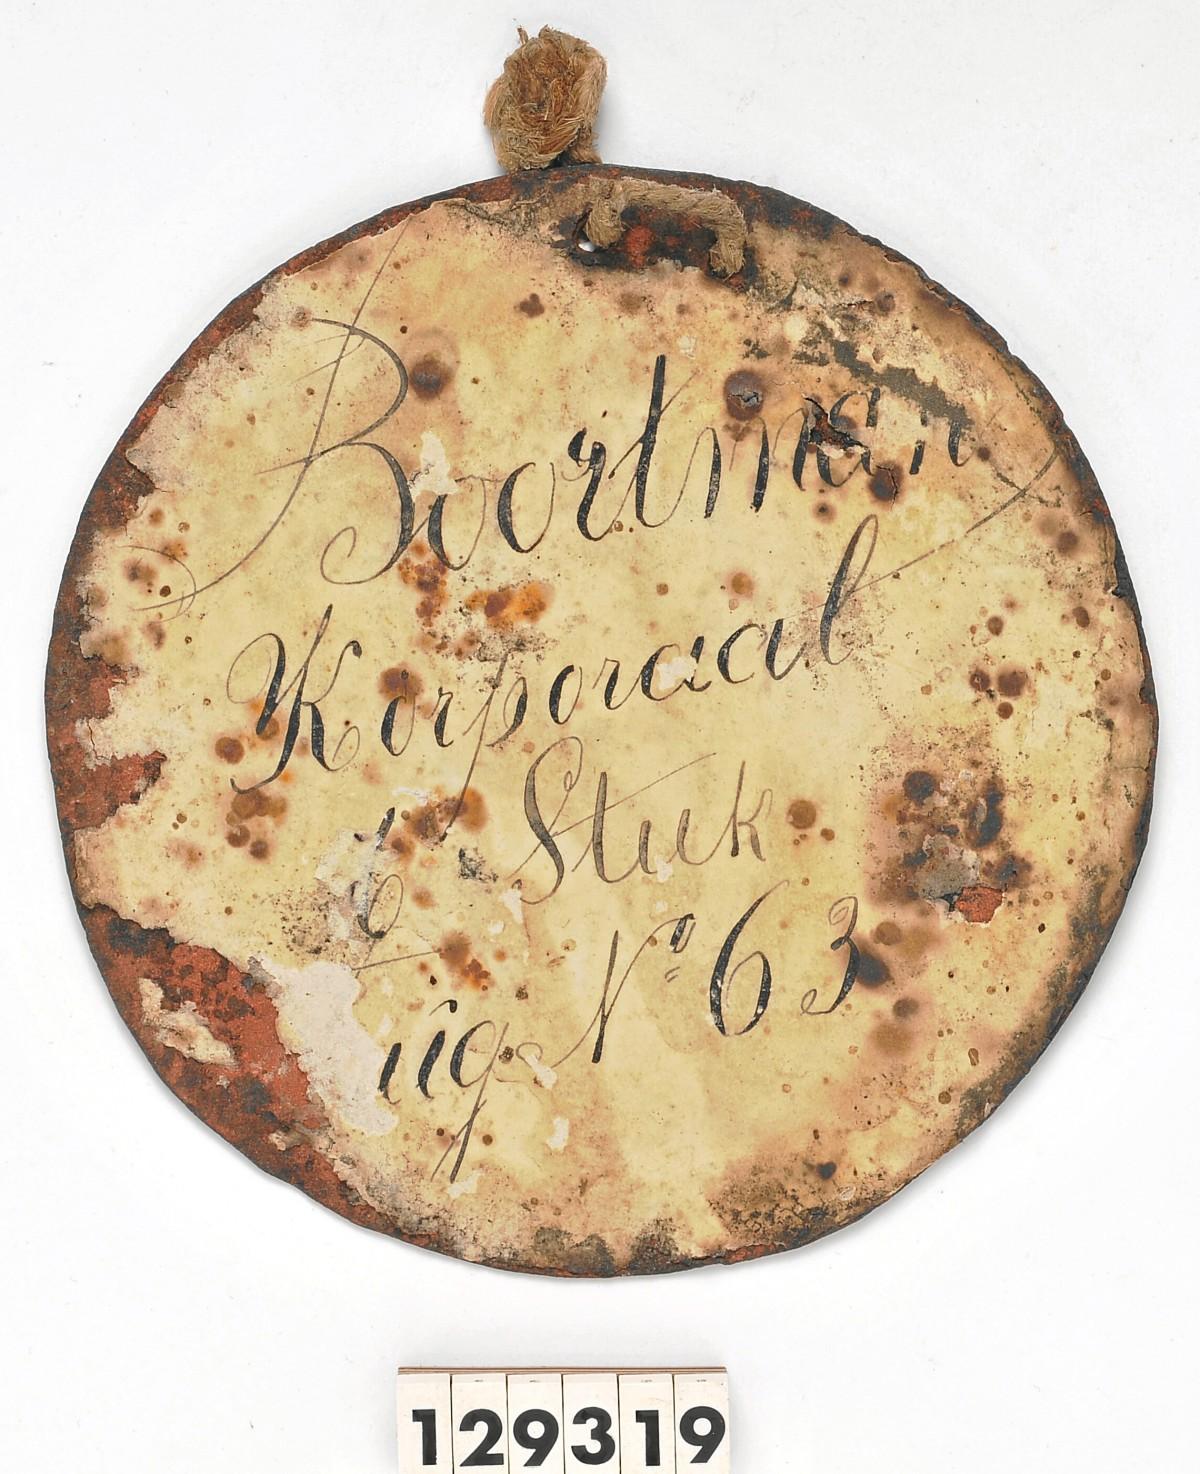 Naamplaatje van korporaal Boortman (Uit: Onze slag bij Waterloo)